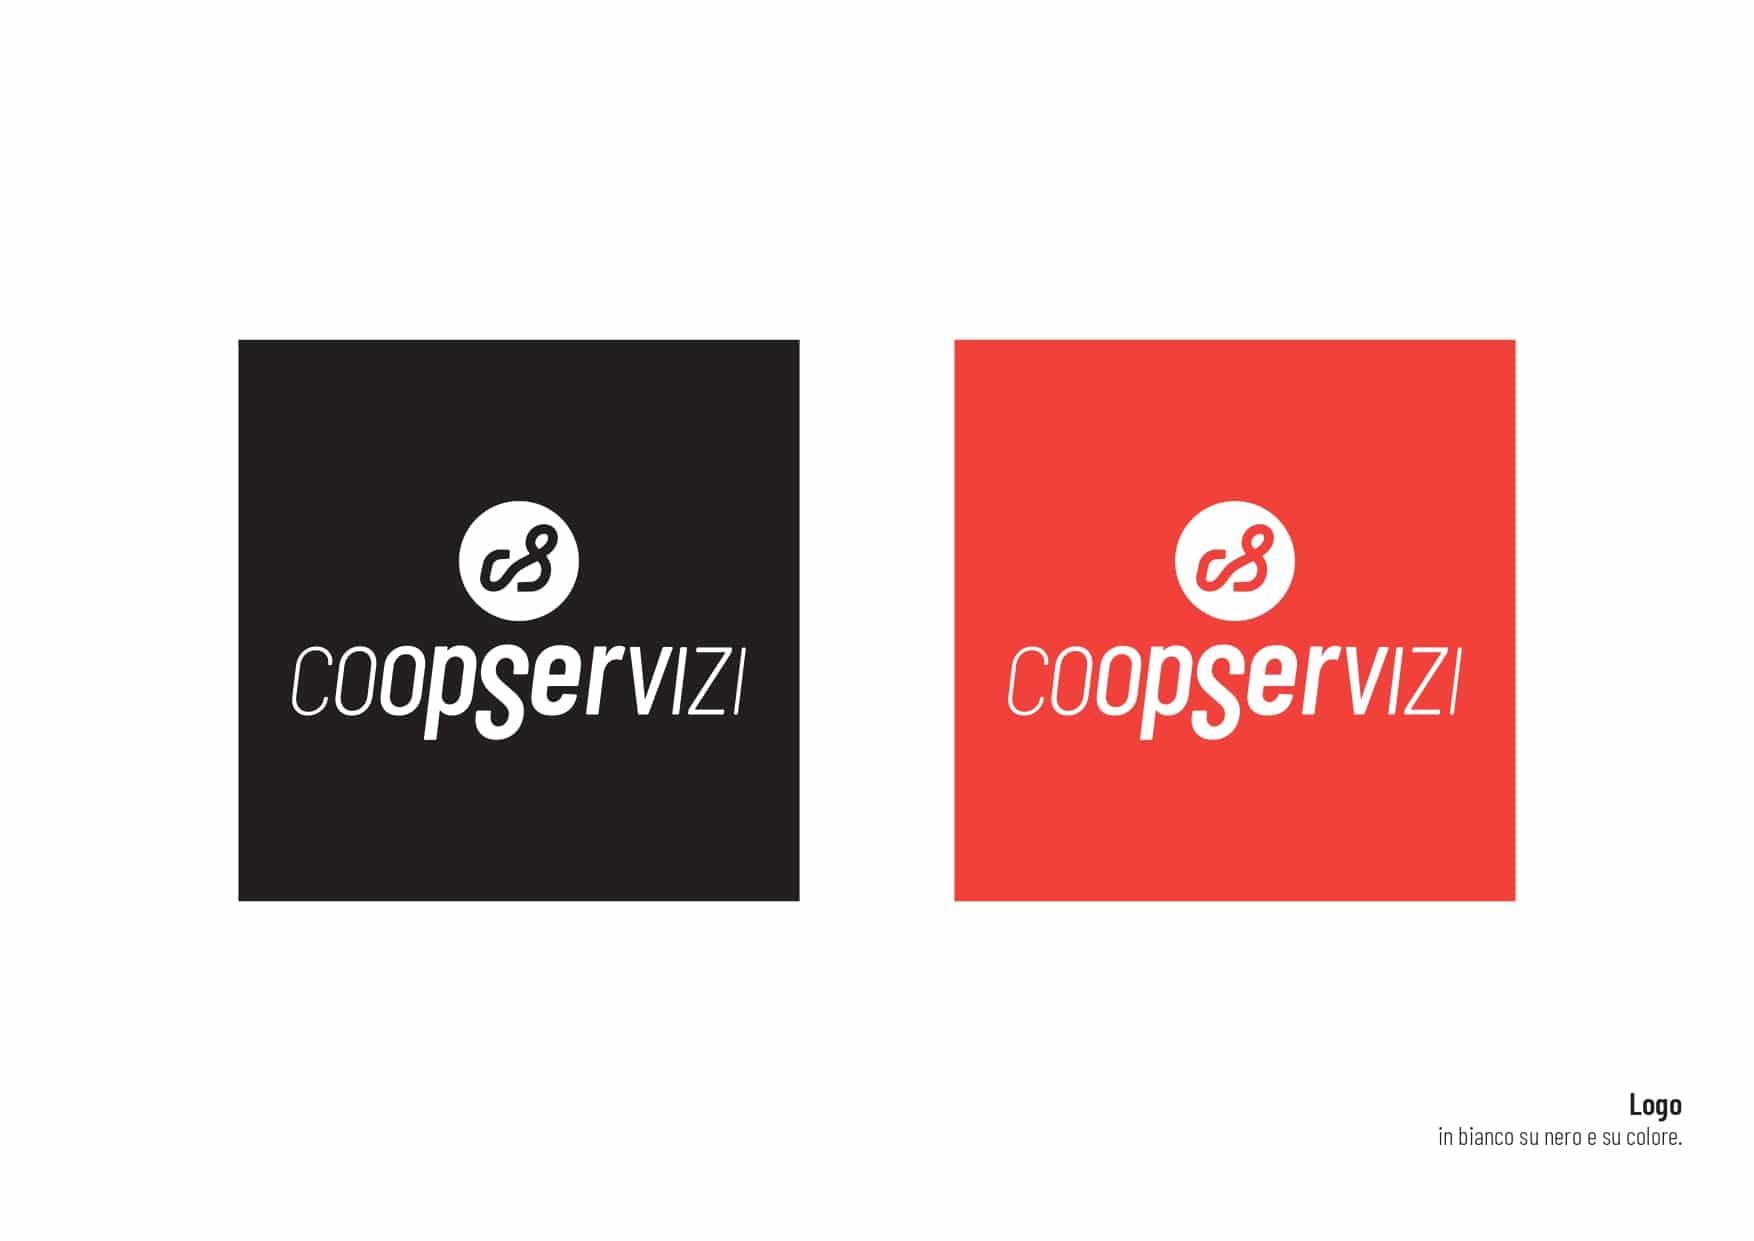 progetto-COOPSERVIZI-Emanuele Milanini_page-0008